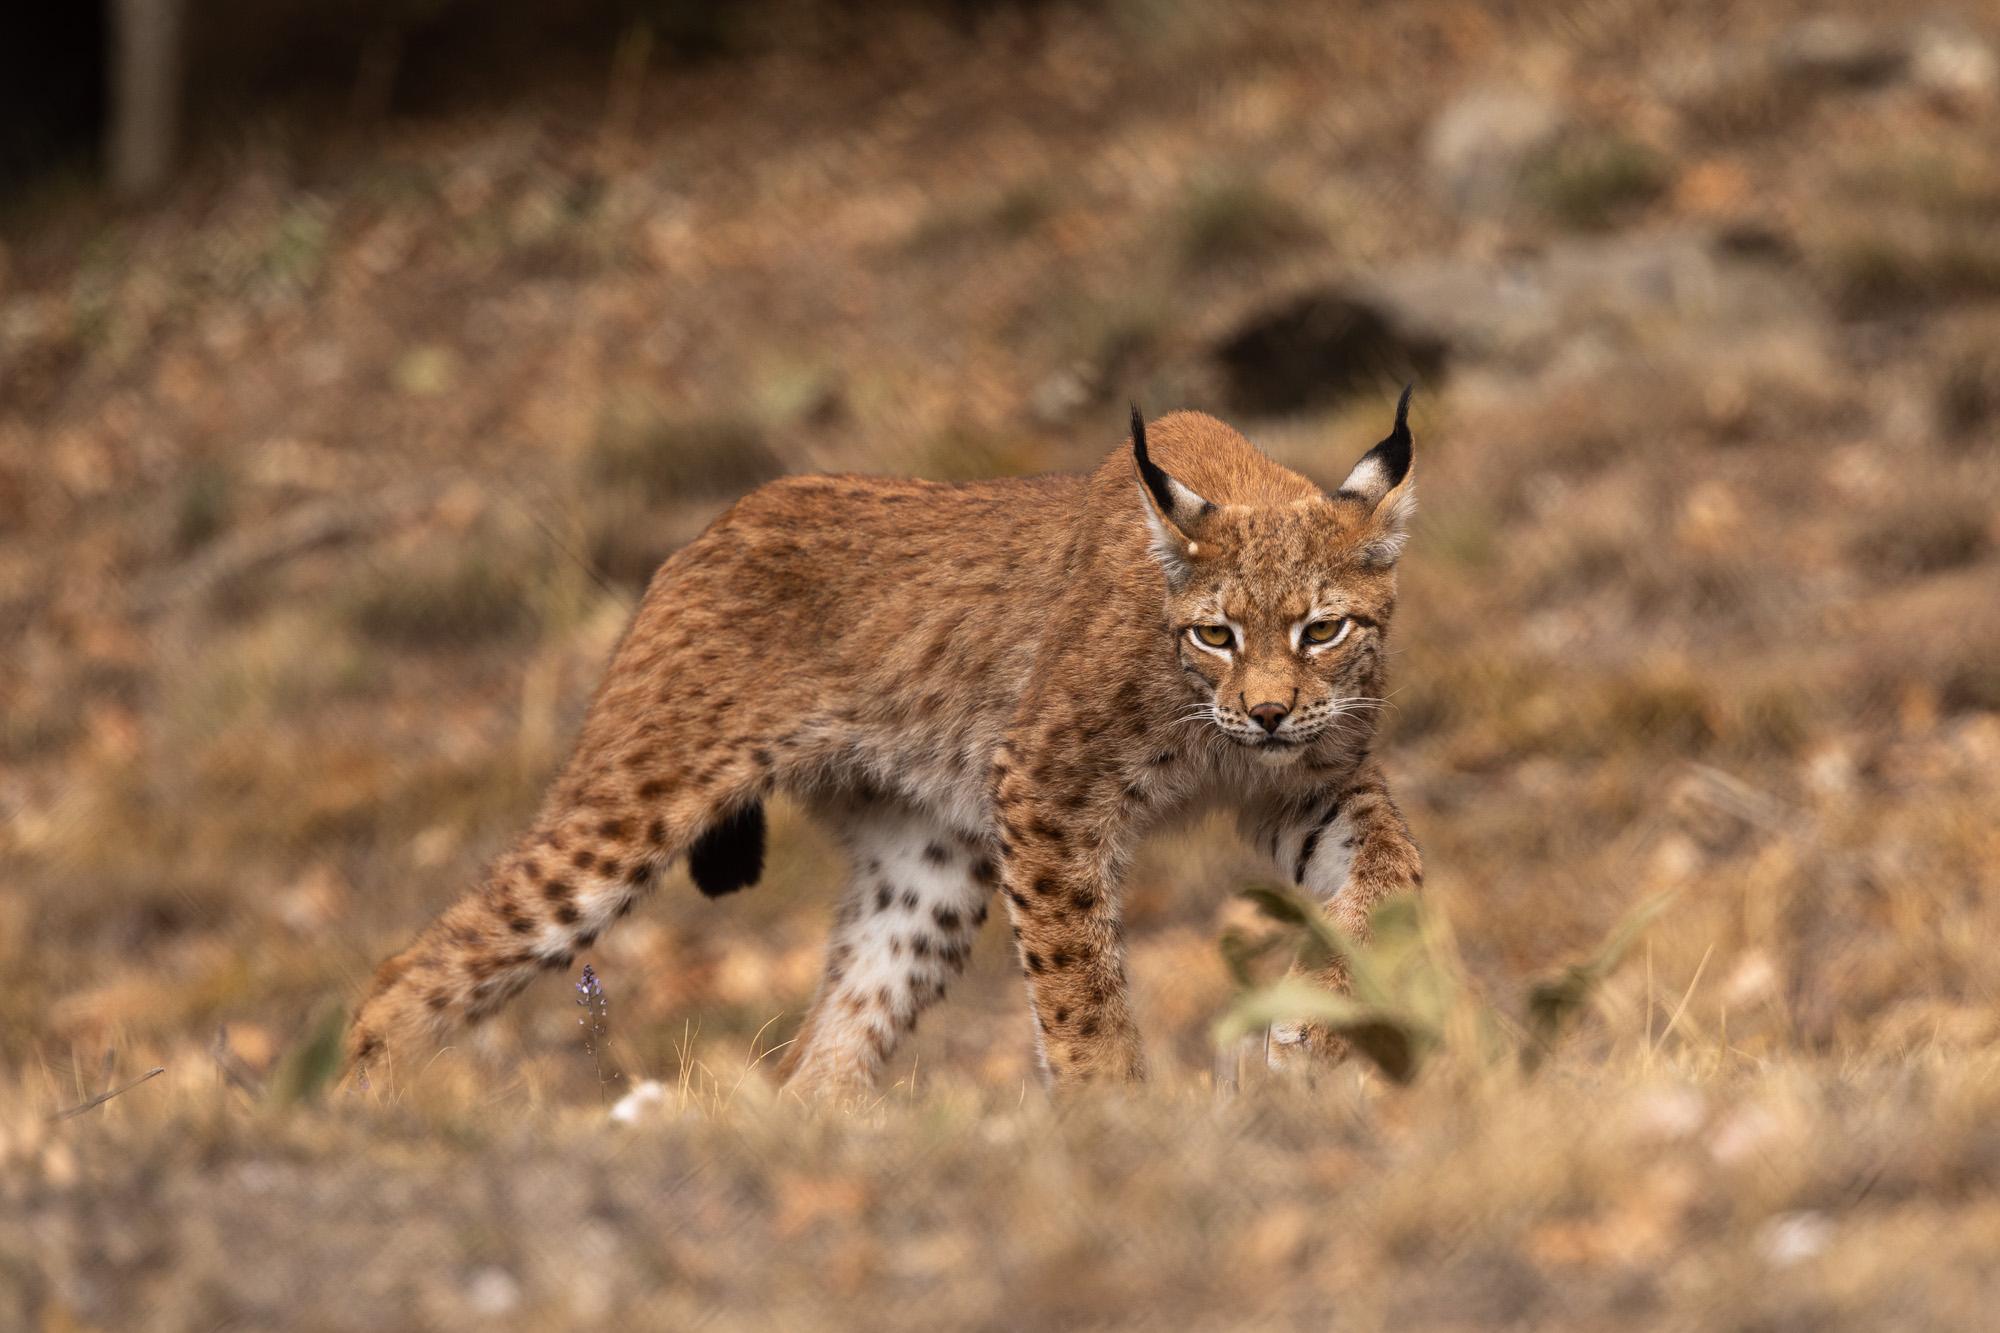 Λύγκας: Πως το εξαφανισμένο άγριο ζώο «επέστρεψε» στην Ελλάδα